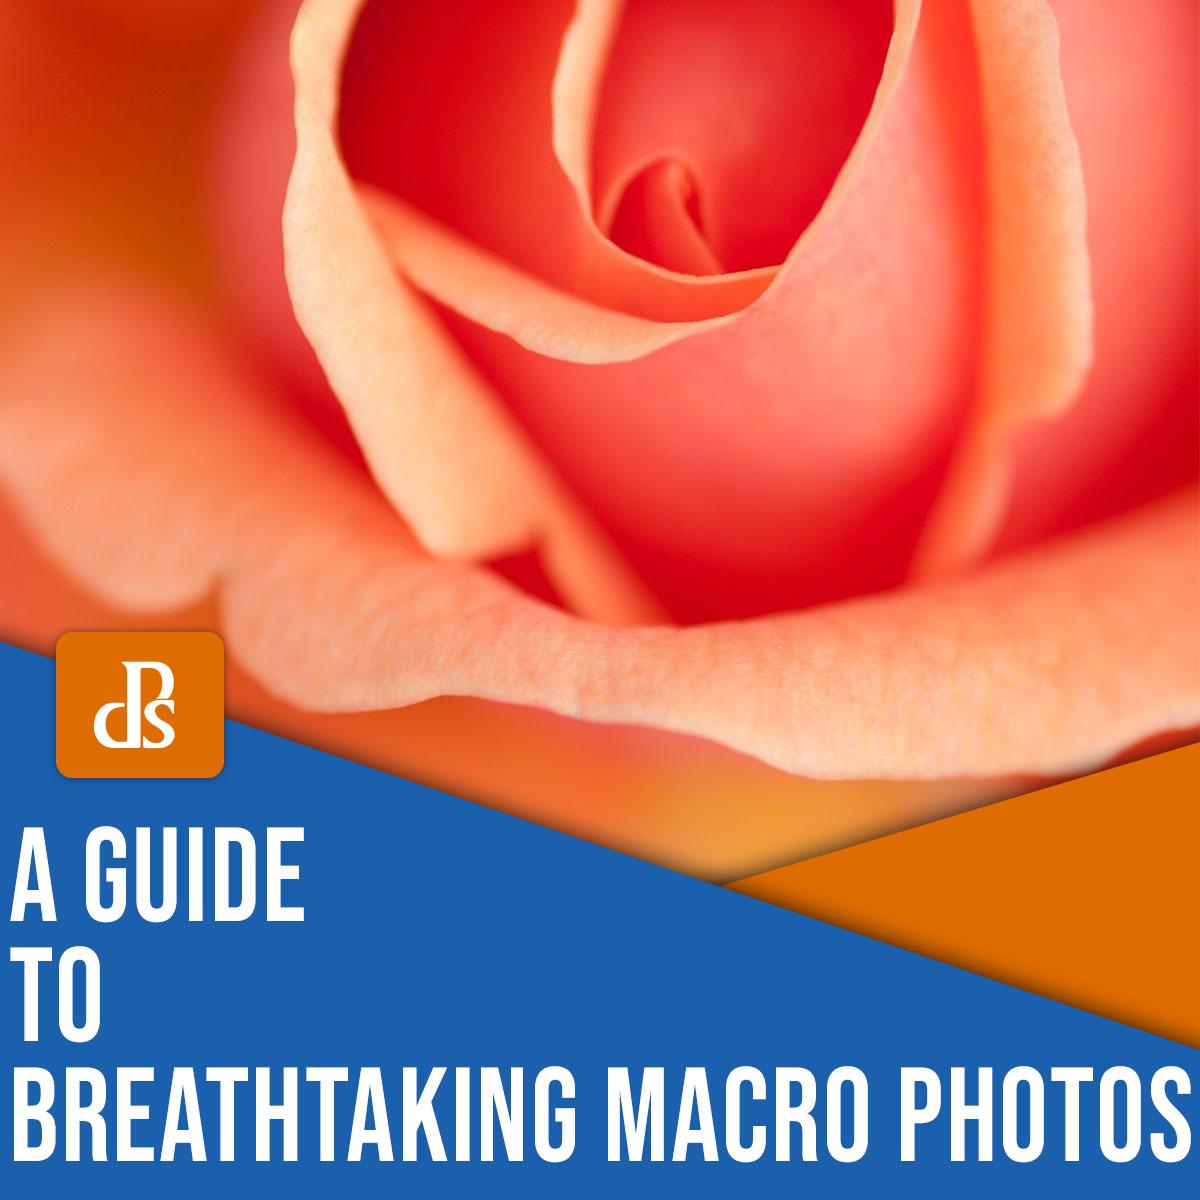 a guide to breathtaking macro photos